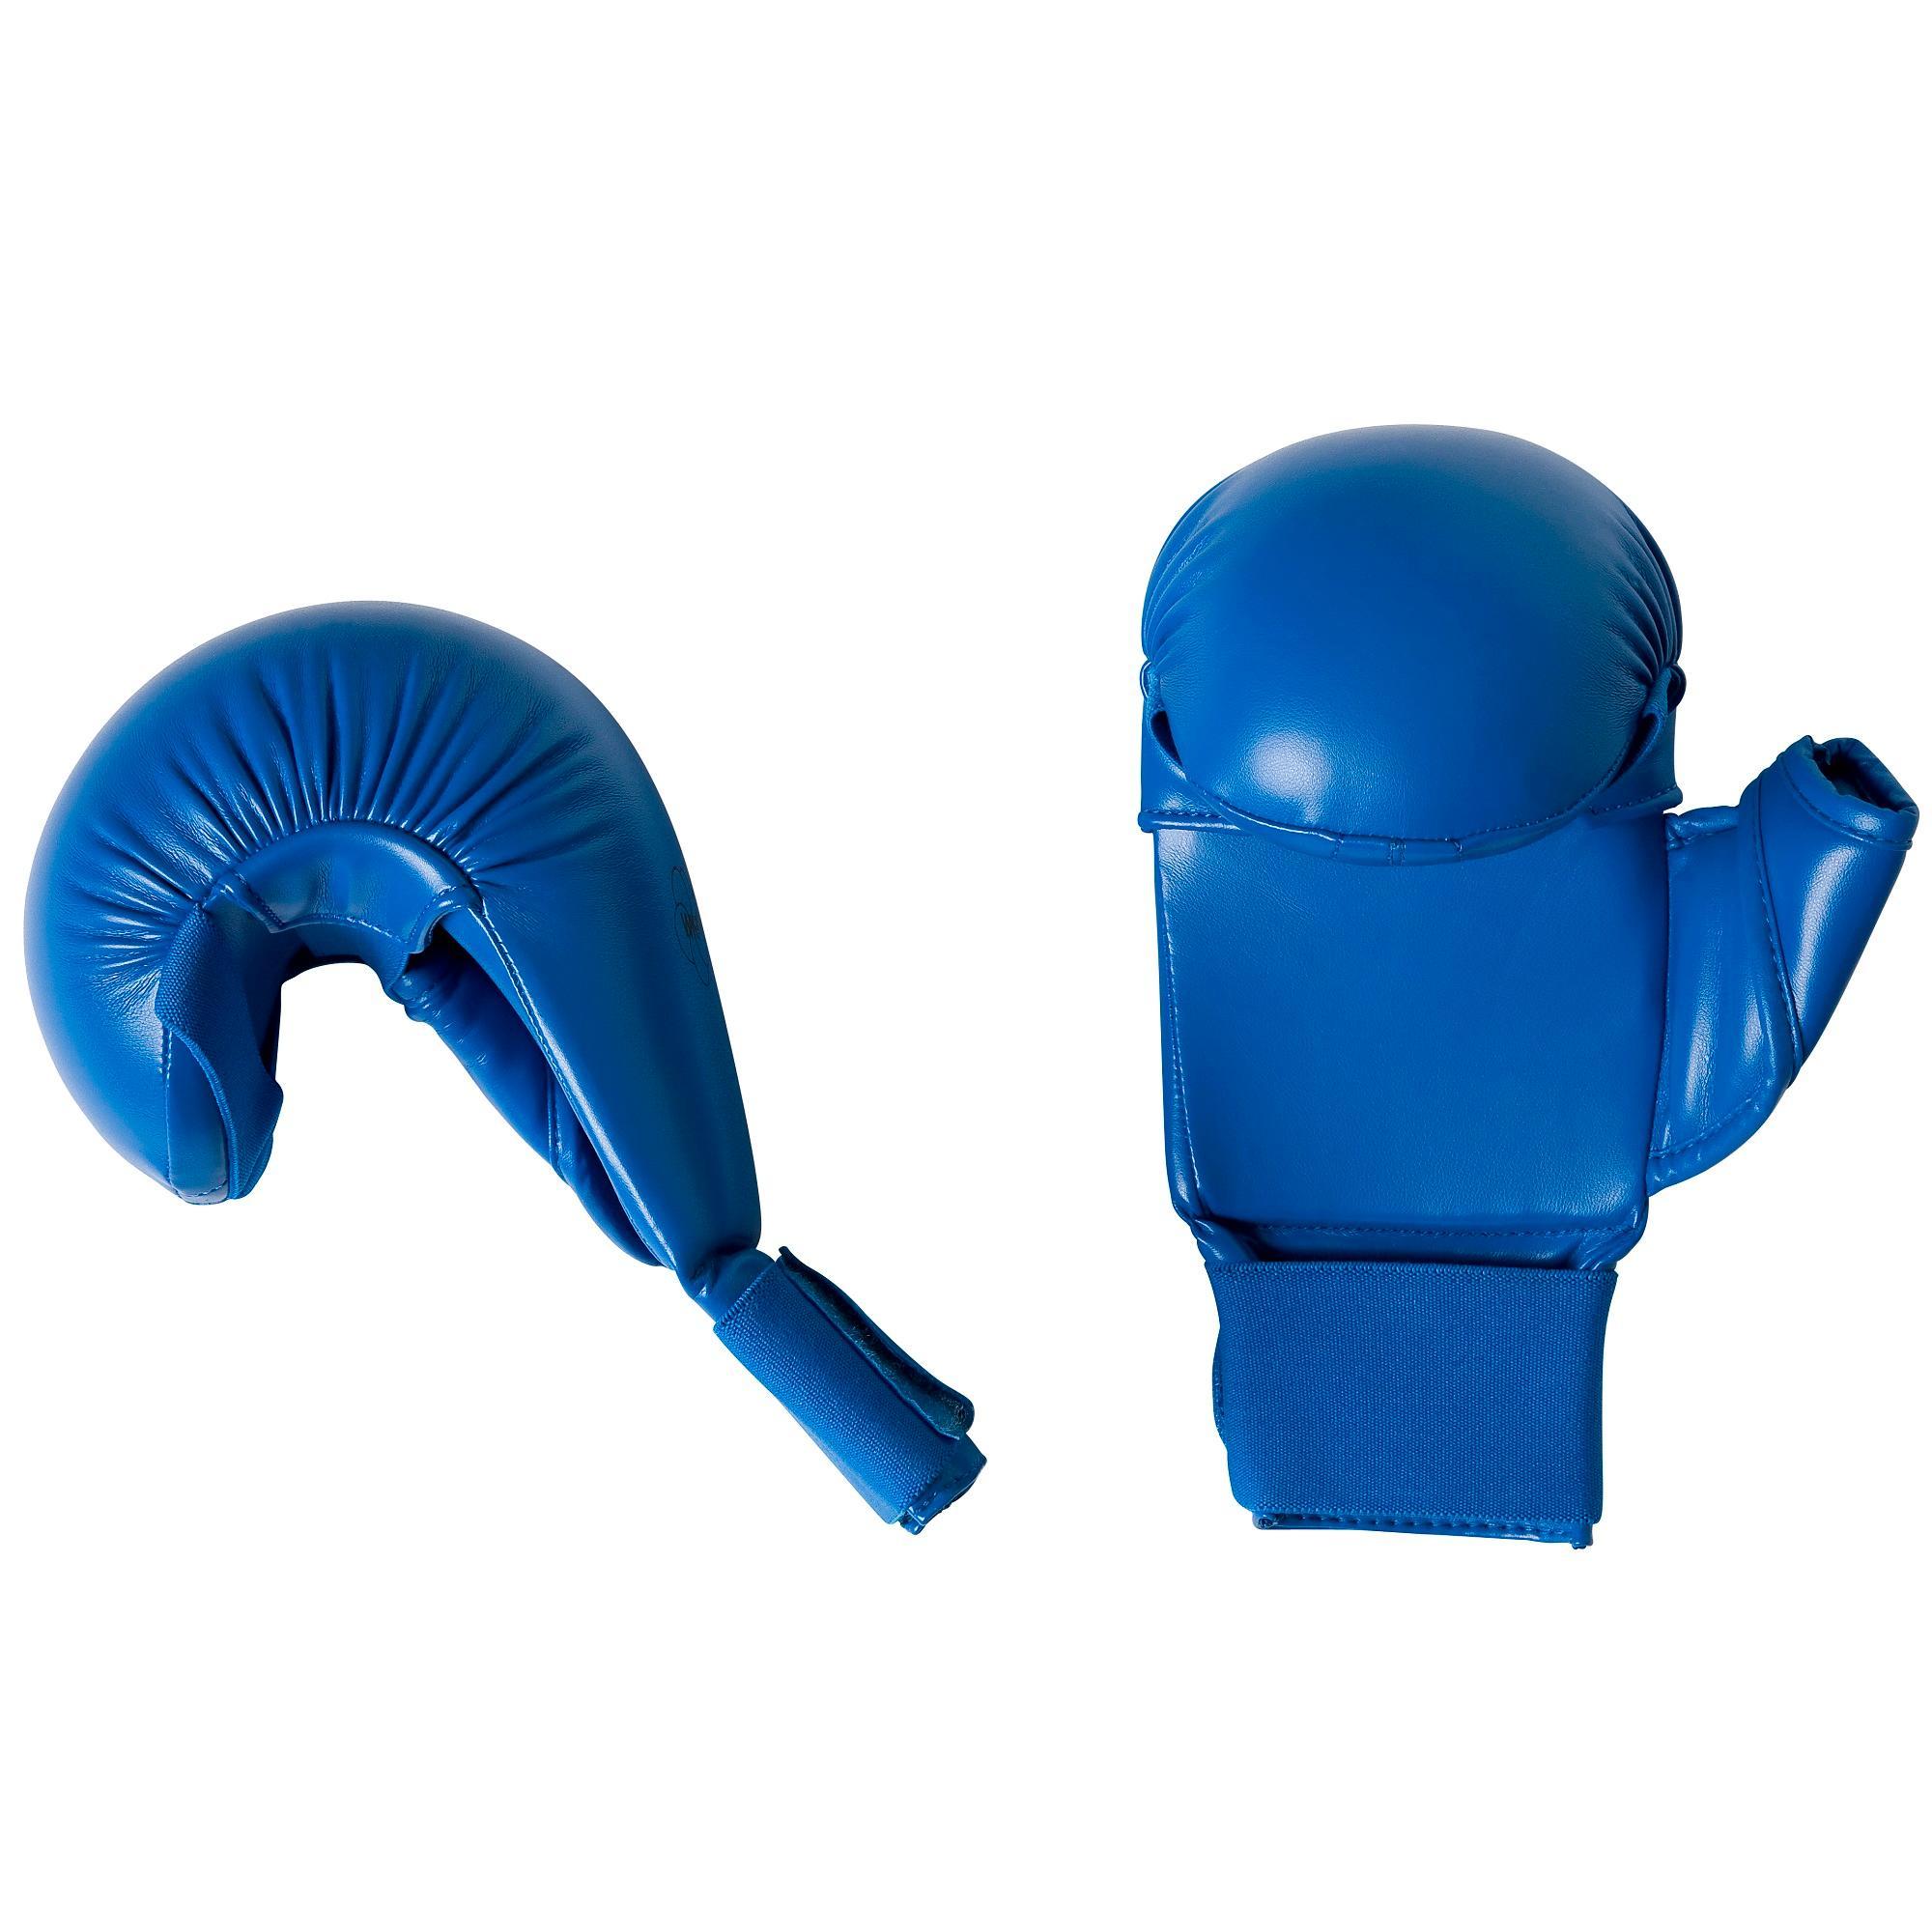 Mânuşi Karate Albastru Adidas la Reducere poza